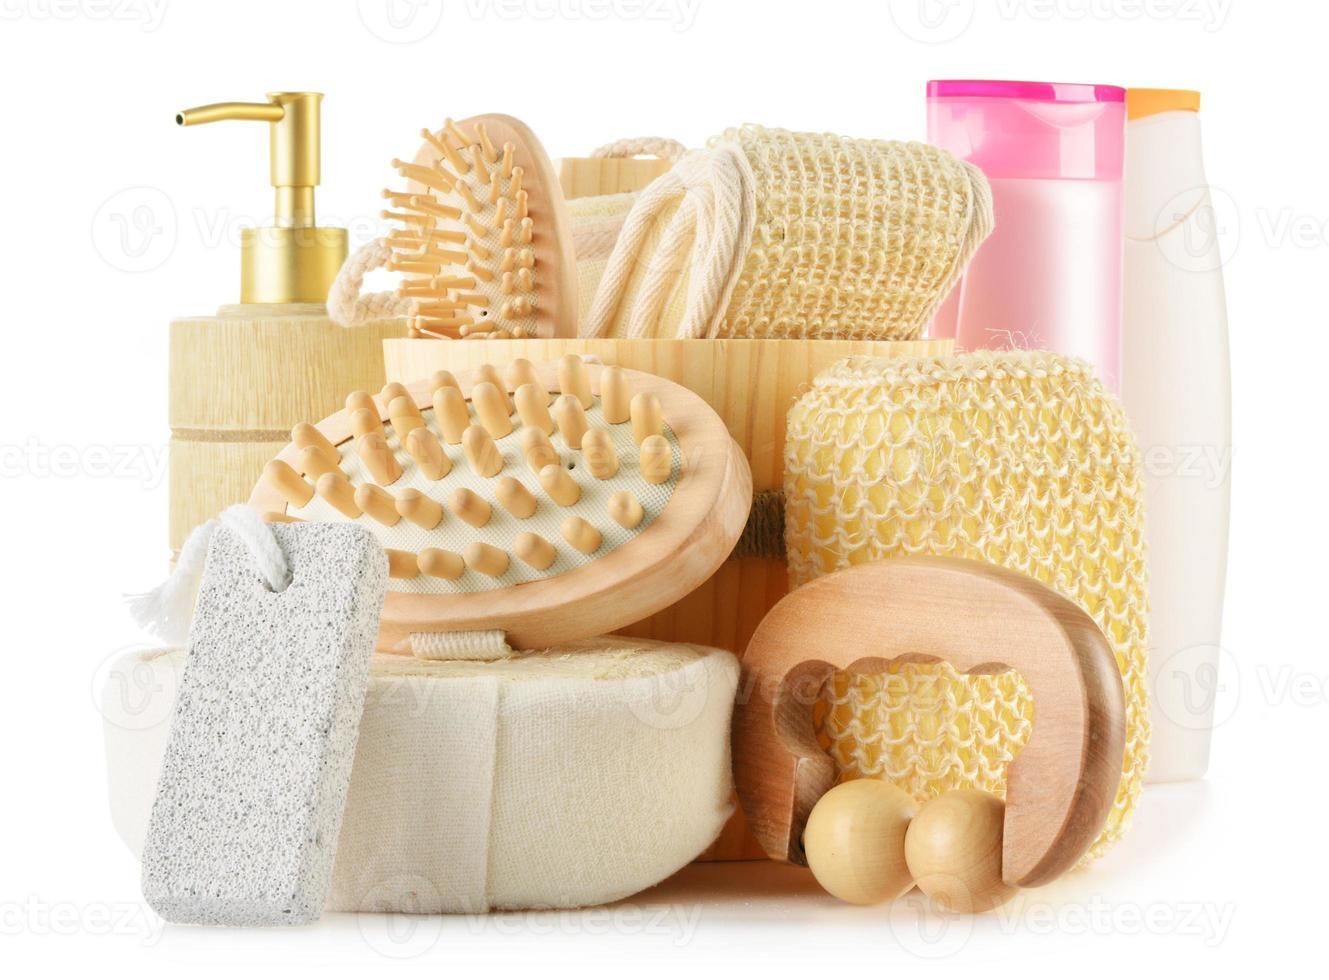 composizione con prodotti per la cura del corpo foto